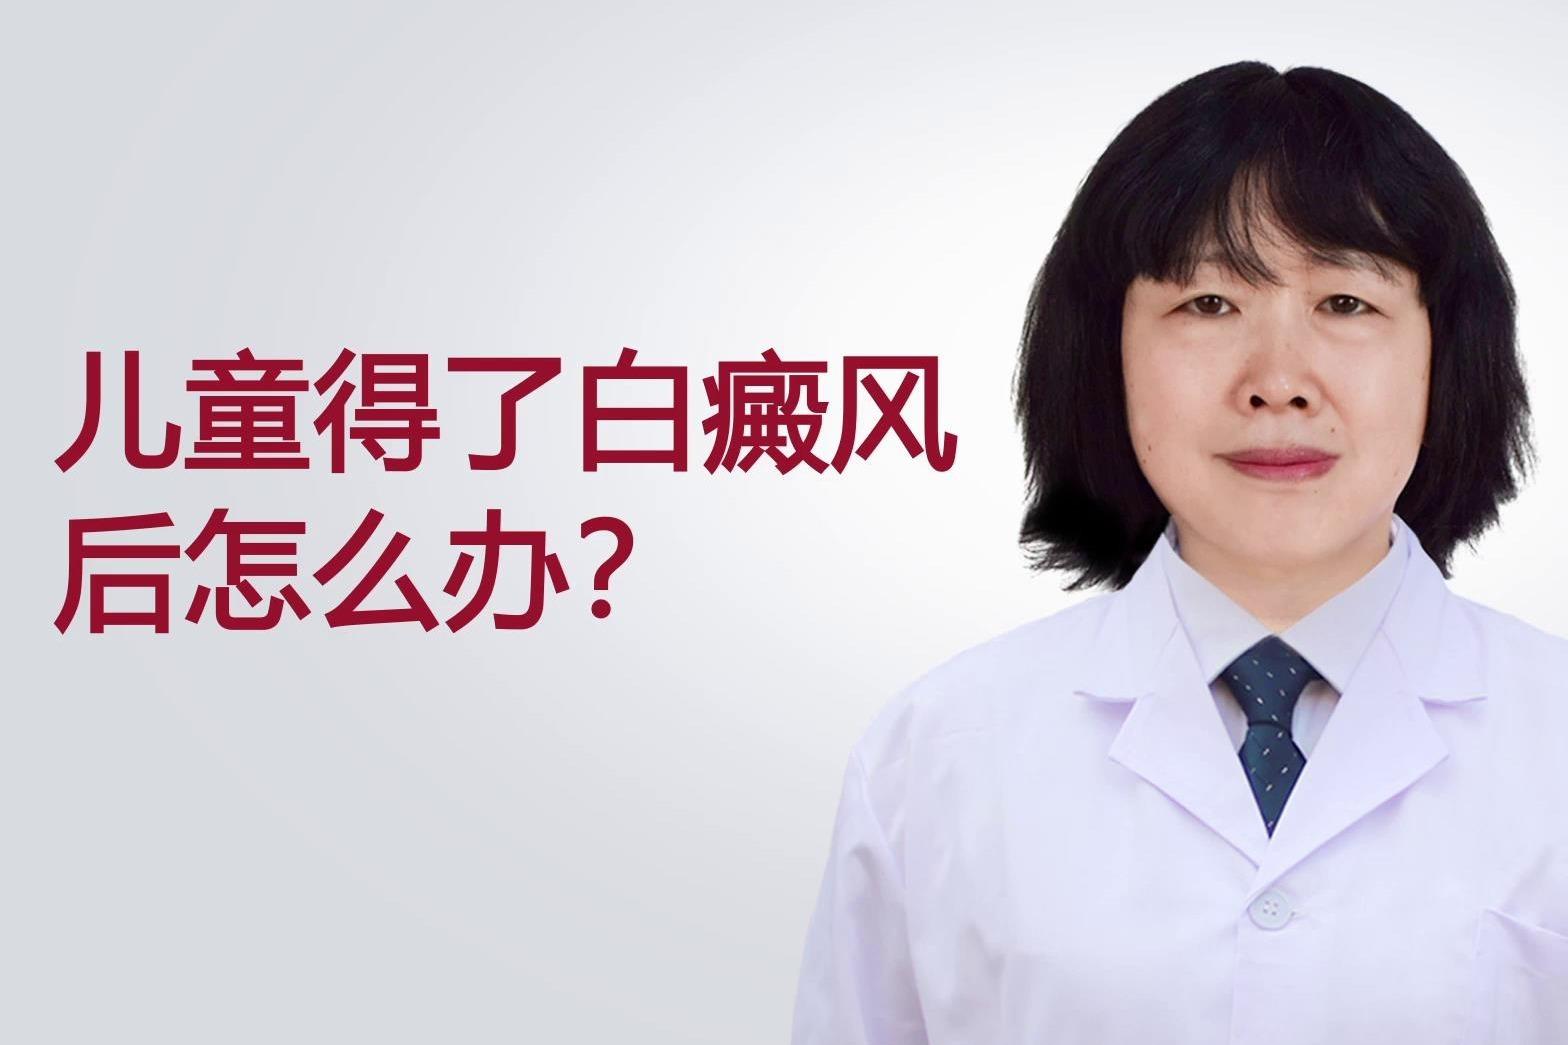 杭州丽都白癜风医院苏喜荣医生来指导:儿童得了白癜风怎么办?